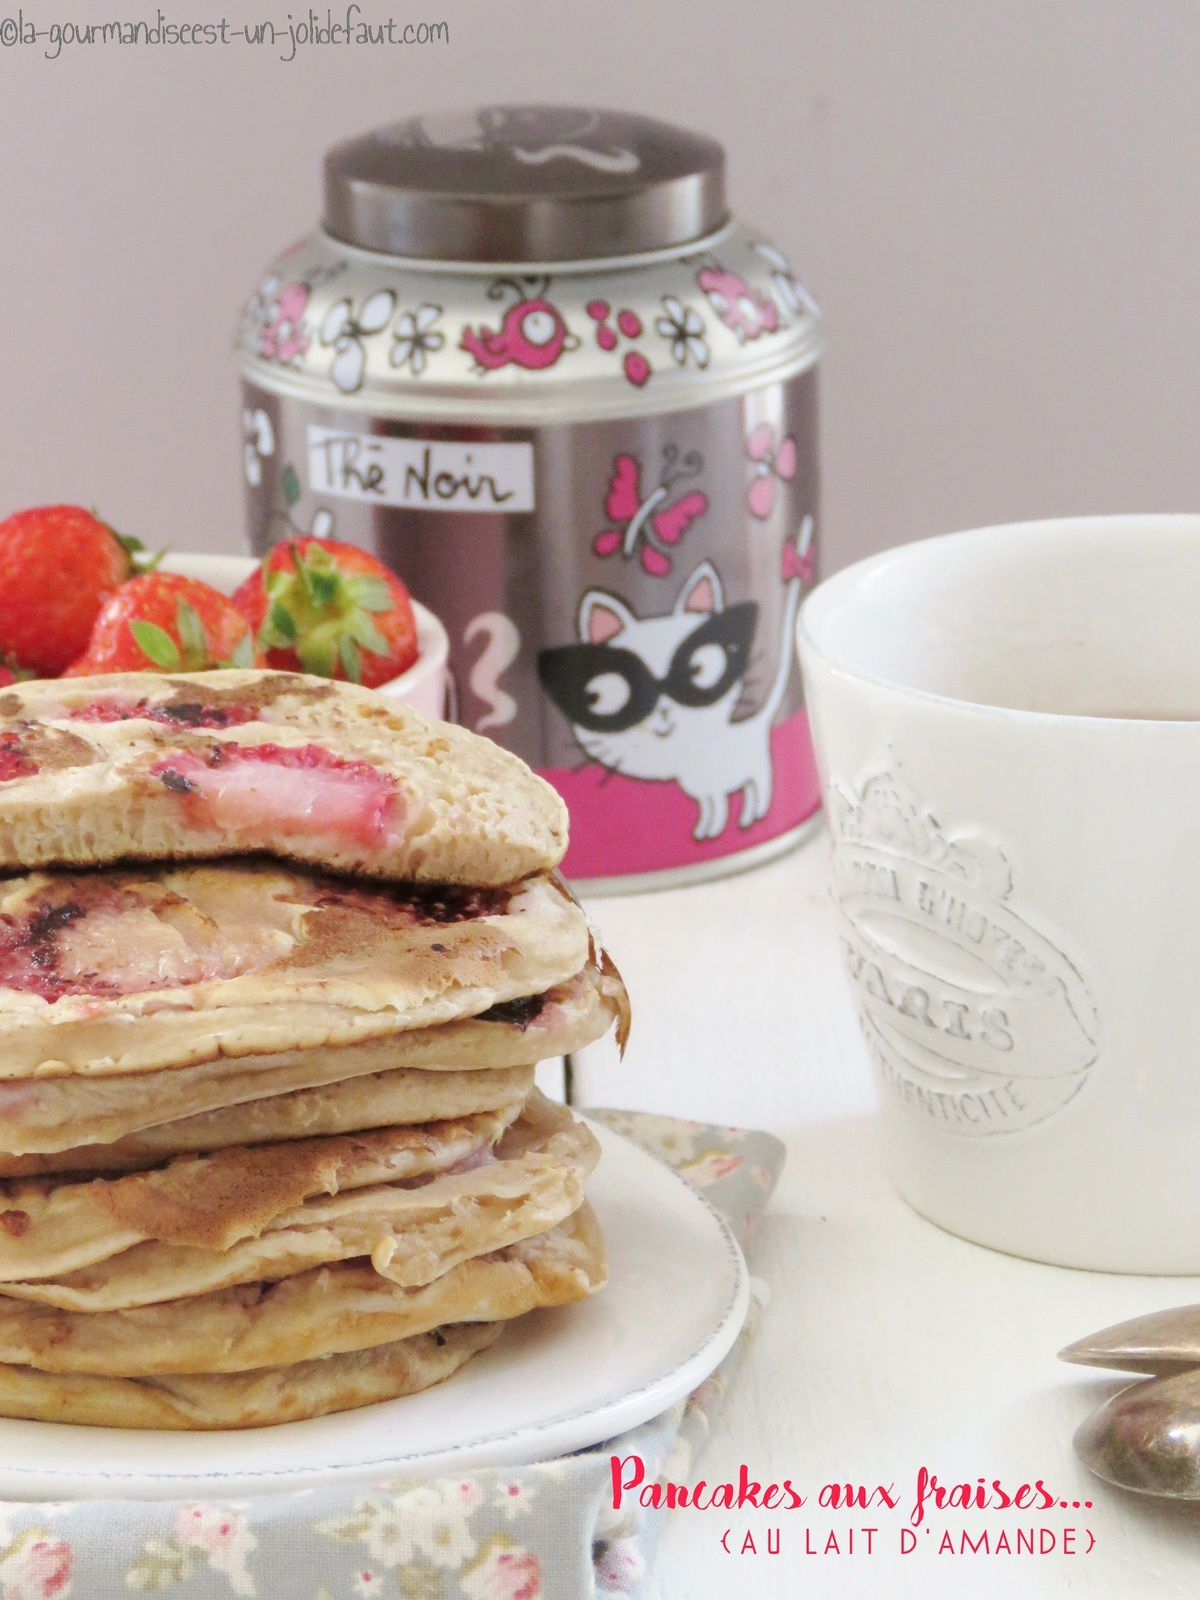 Pancakes aux fraises {et au lait d'amande}